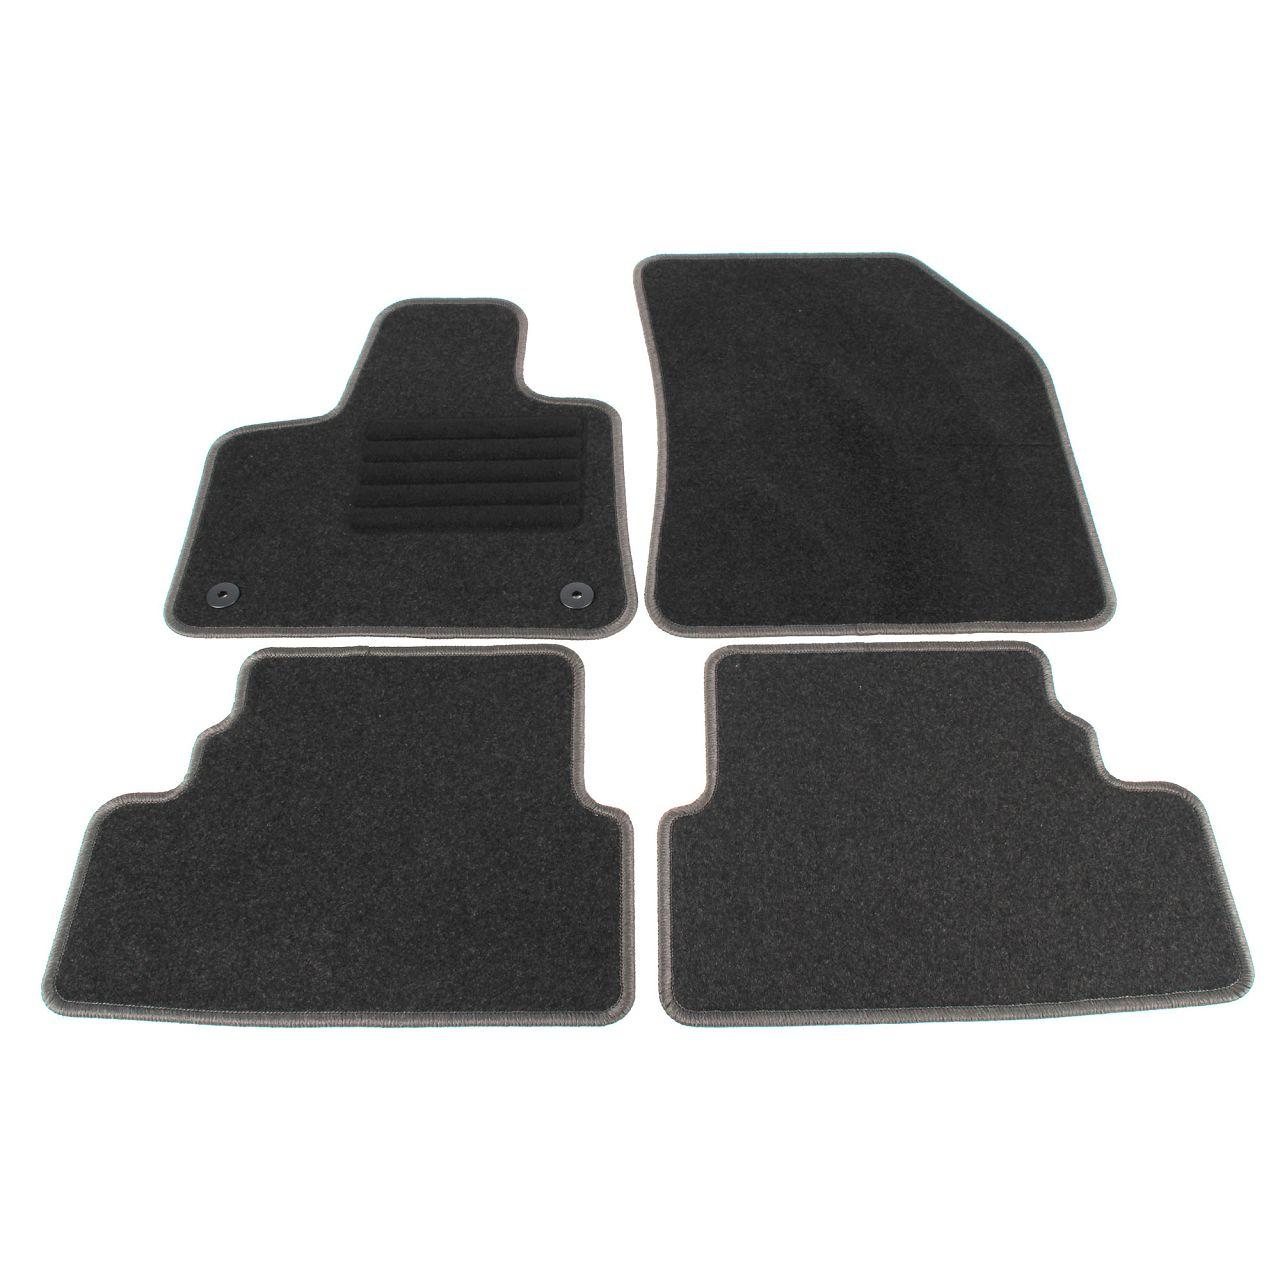 SCHÖNEK Veloursmatten Textilmatten Fußmatten für OPEL GRANDLAND X 4-tlg